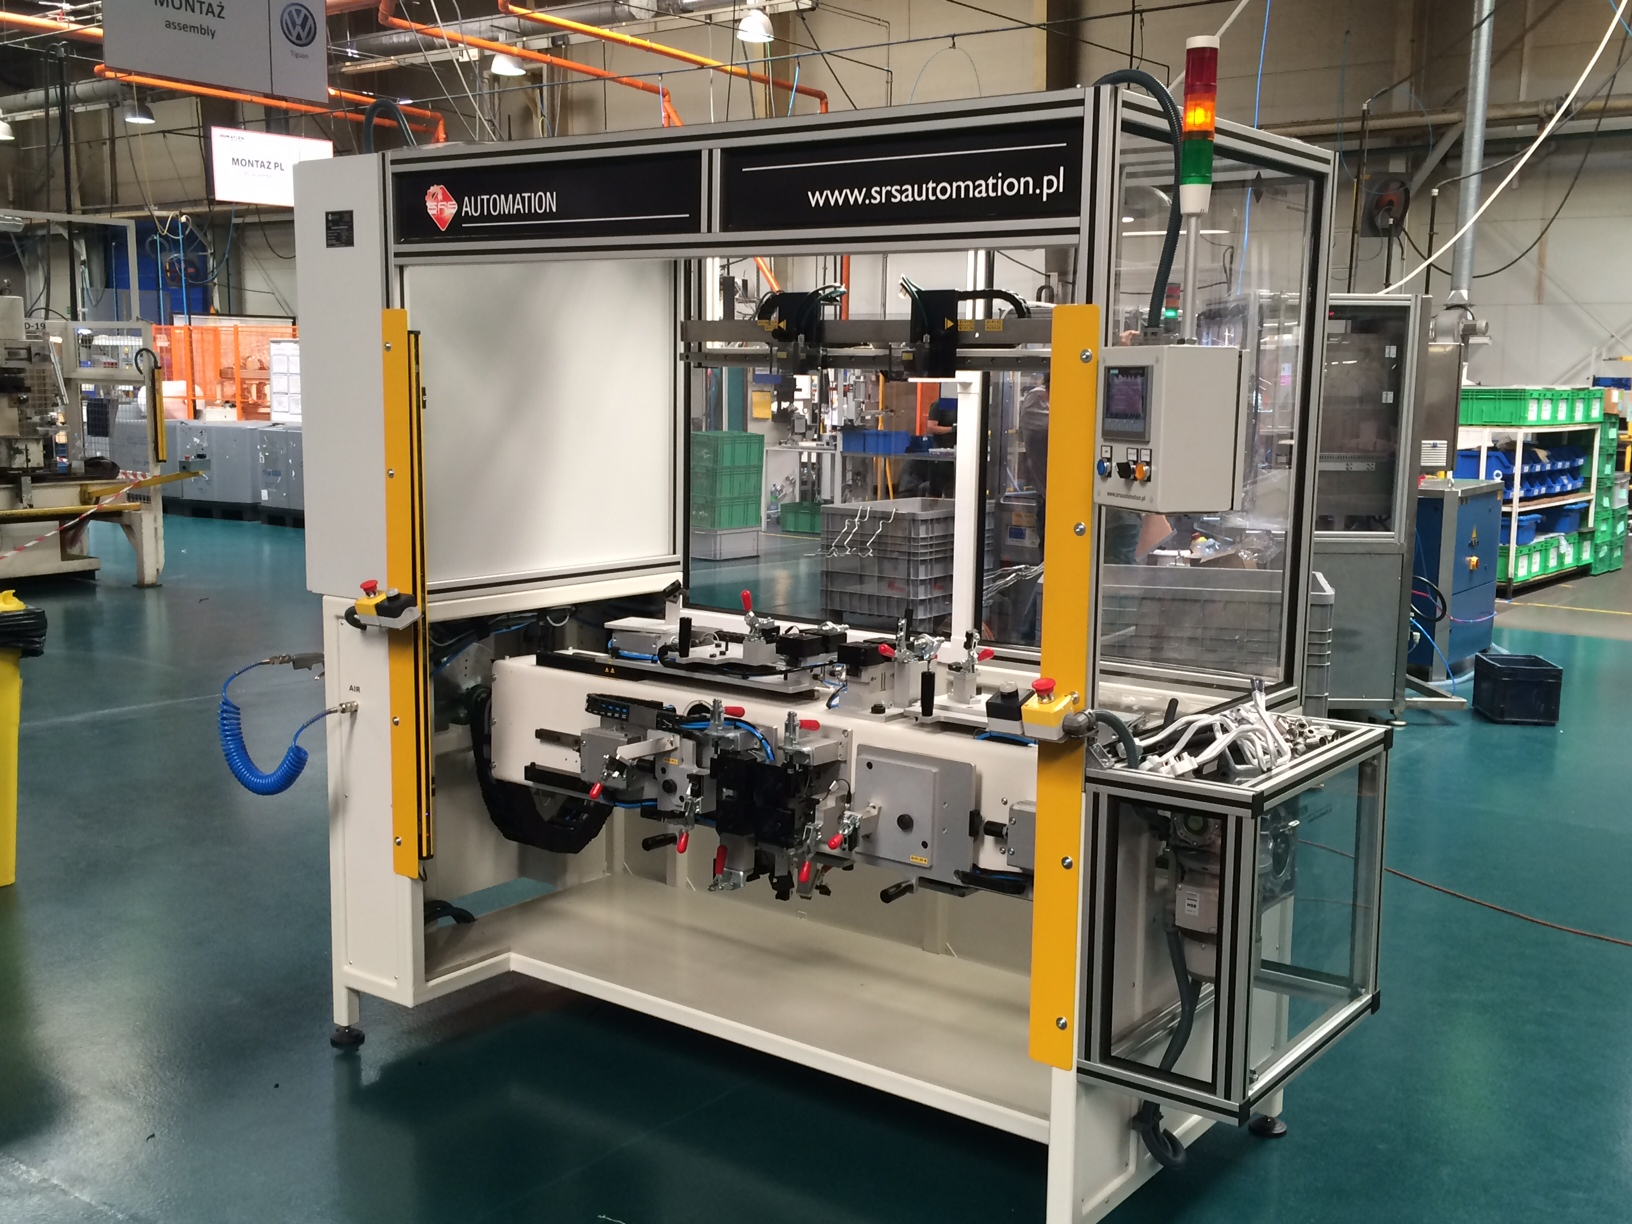 Maszyna do montażu przewodów z podwójną kontrolą wizyjną